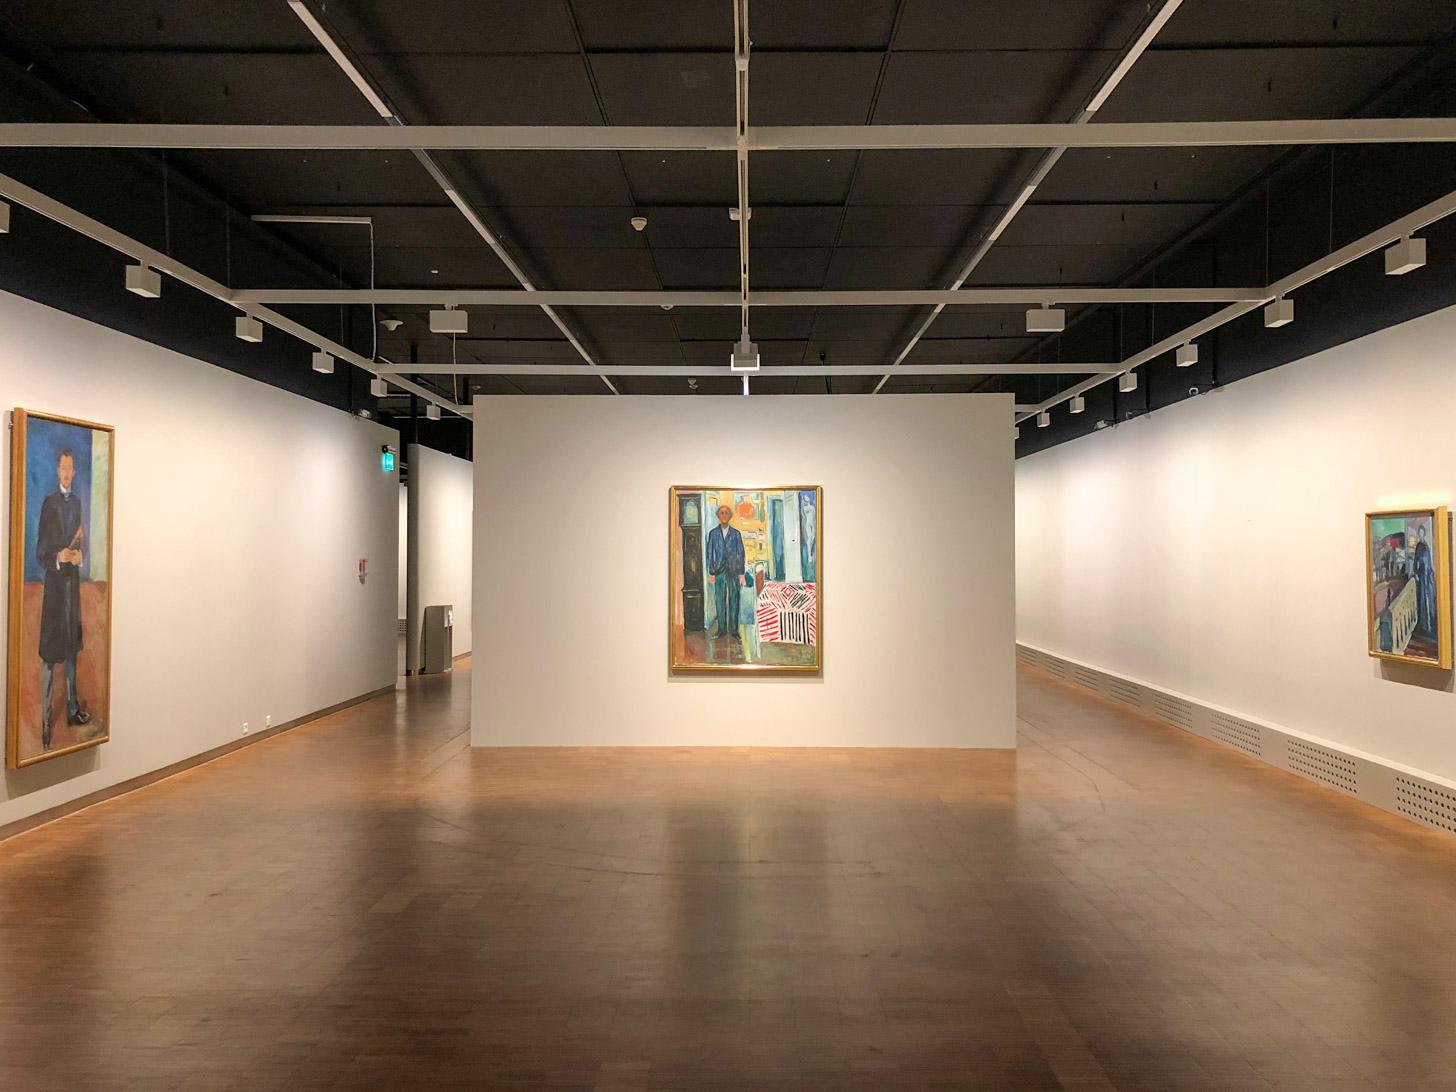 Het Munchmuseum in Oslo